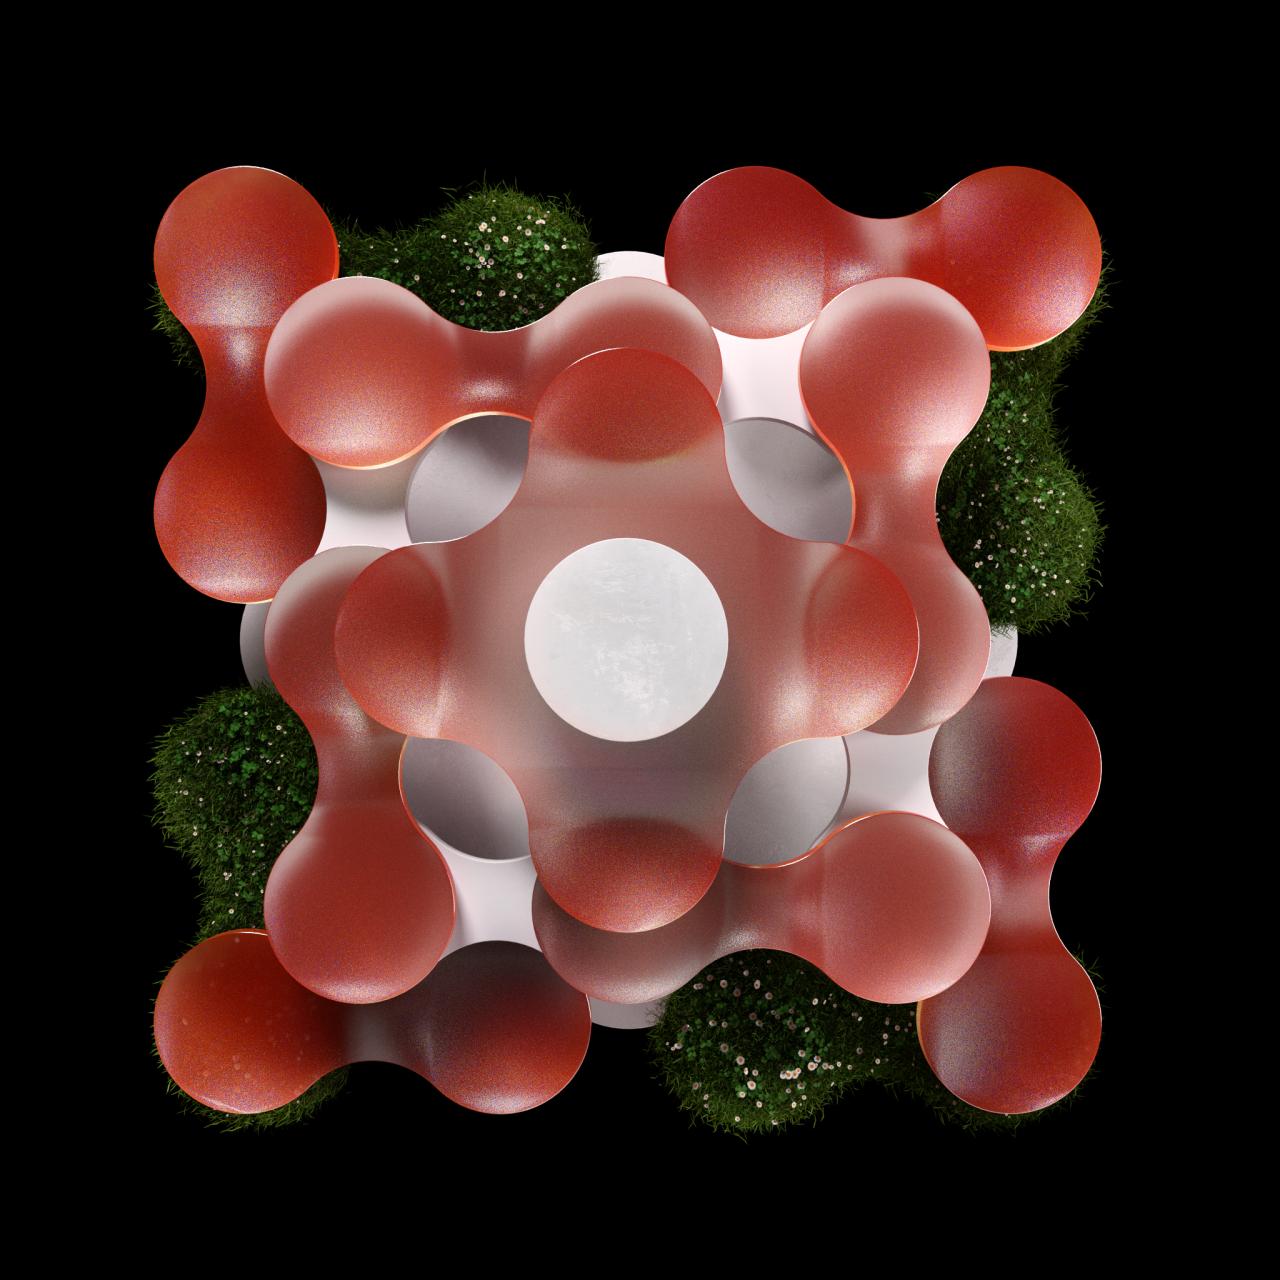 Micro Grass #002-Cell & Grass